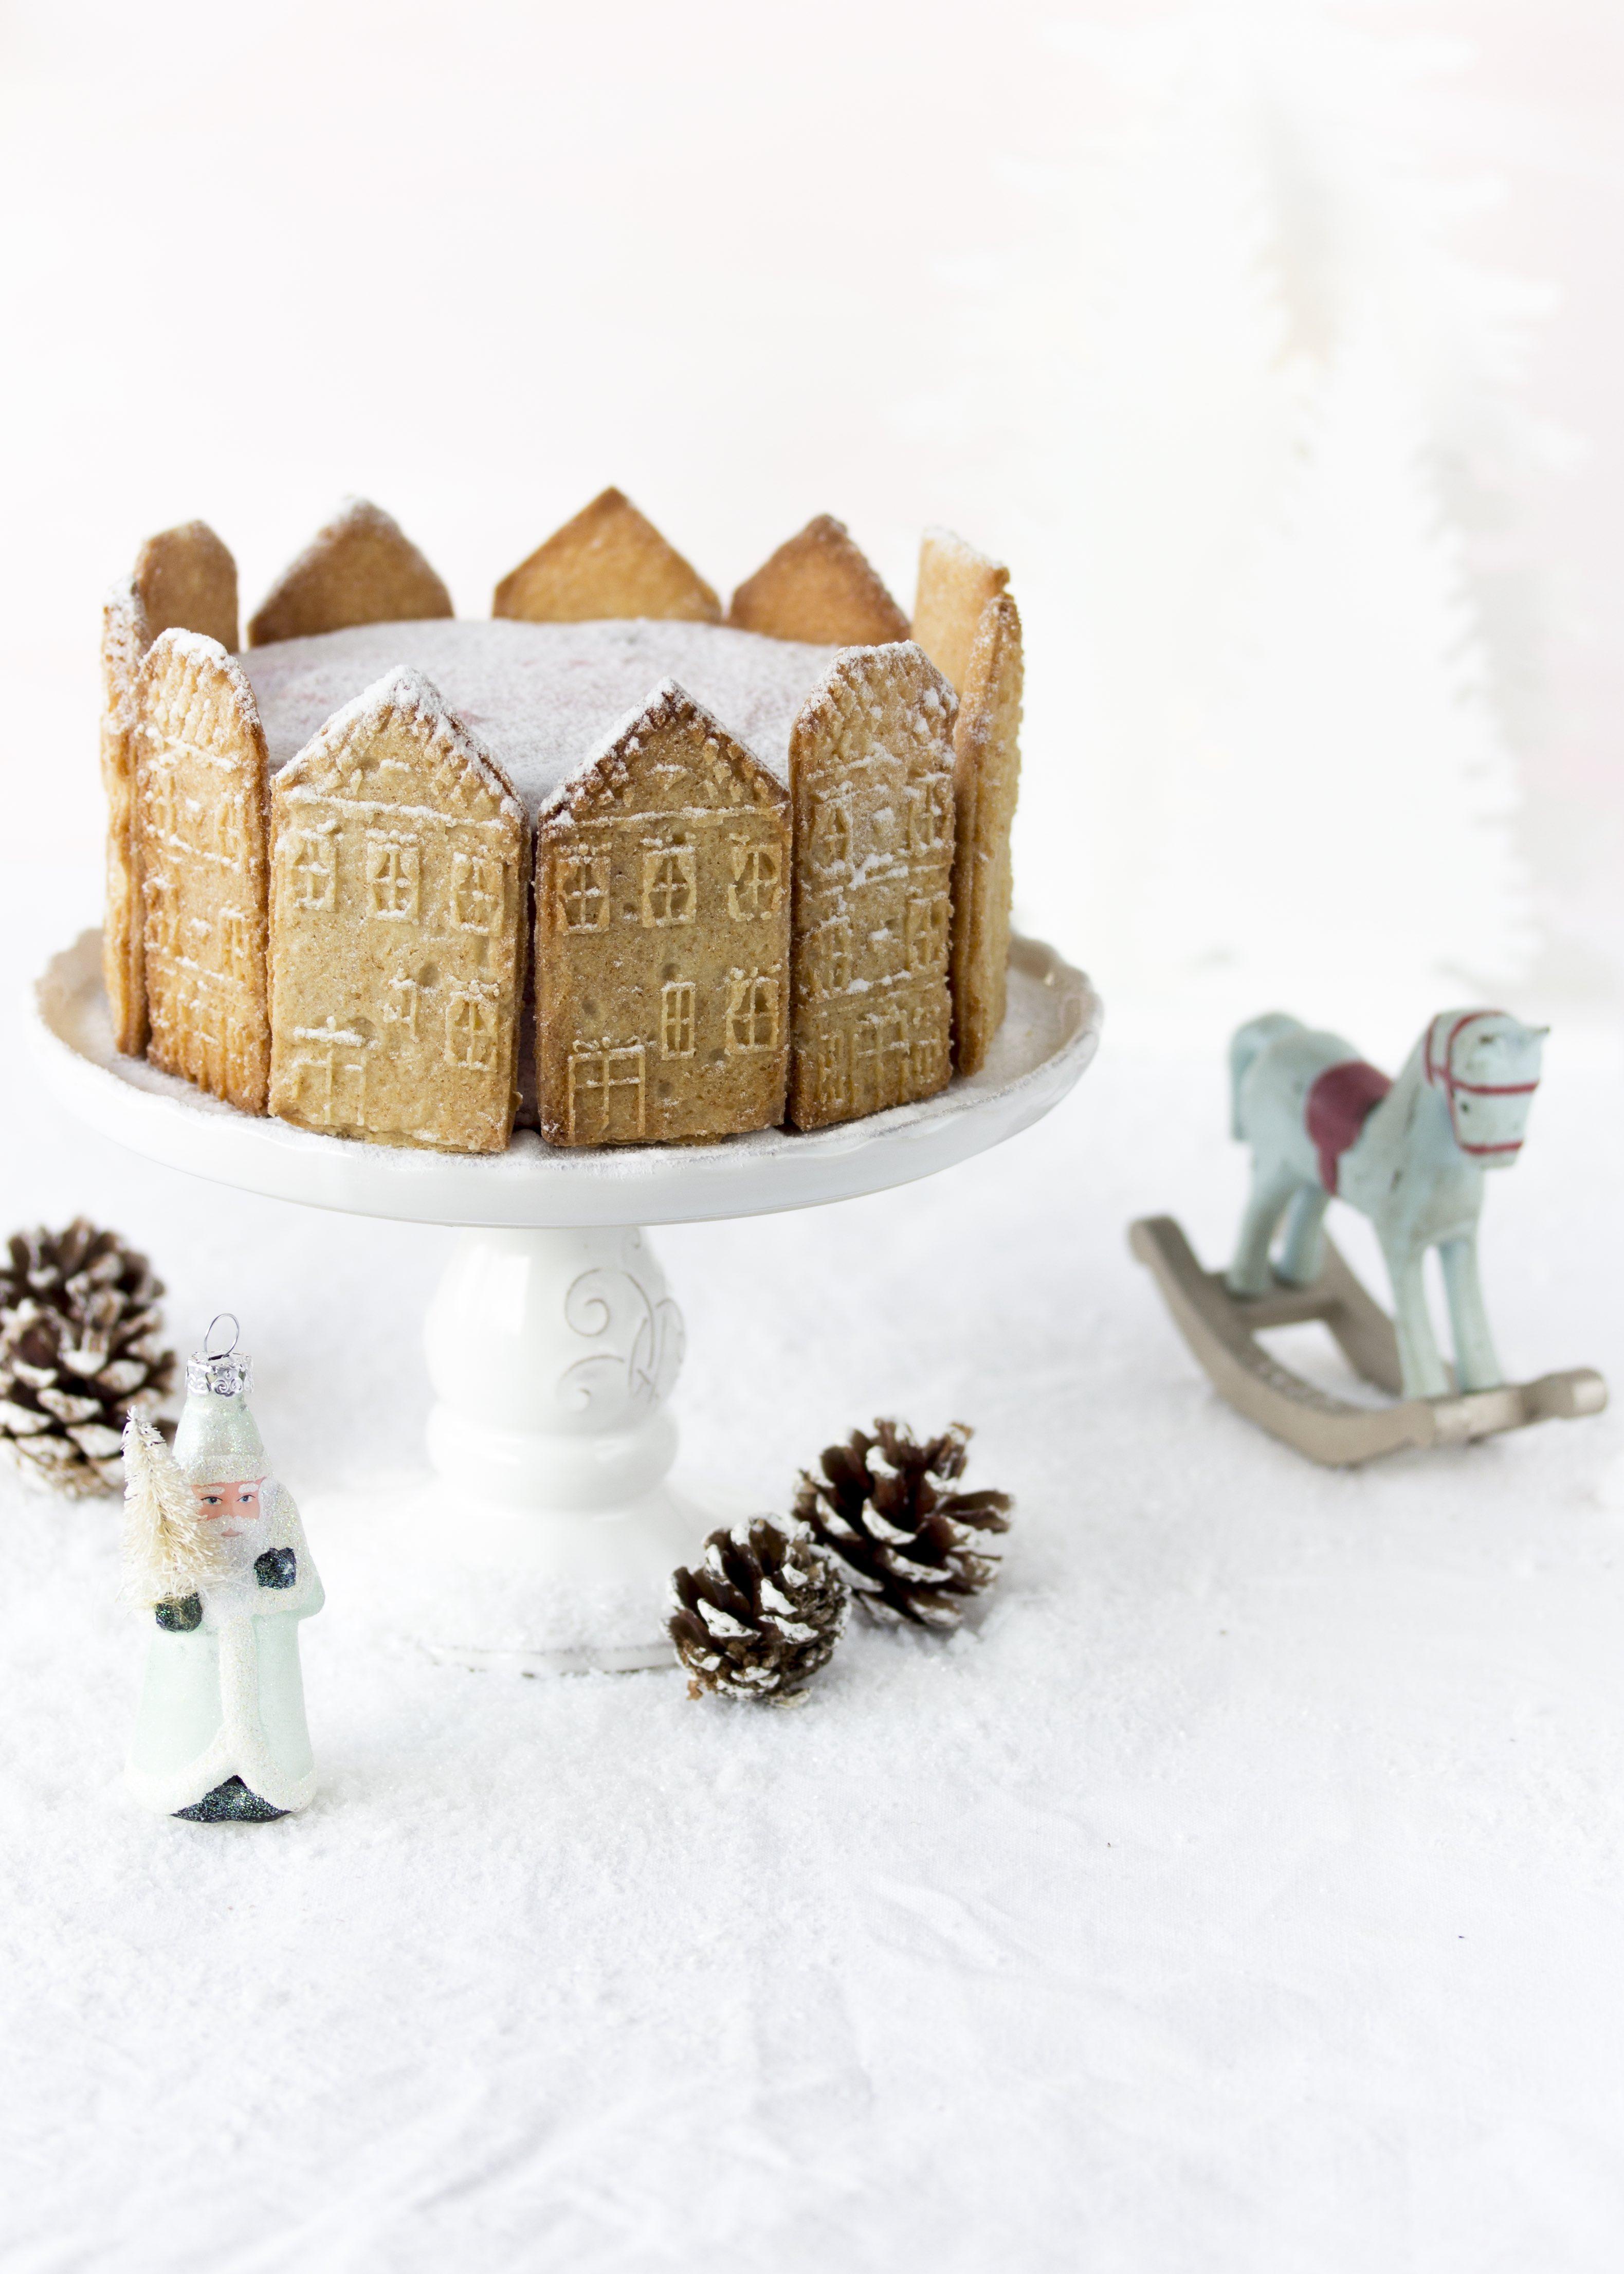 Rezept Spekulatius Kirsch Torte Weihnachten Backen